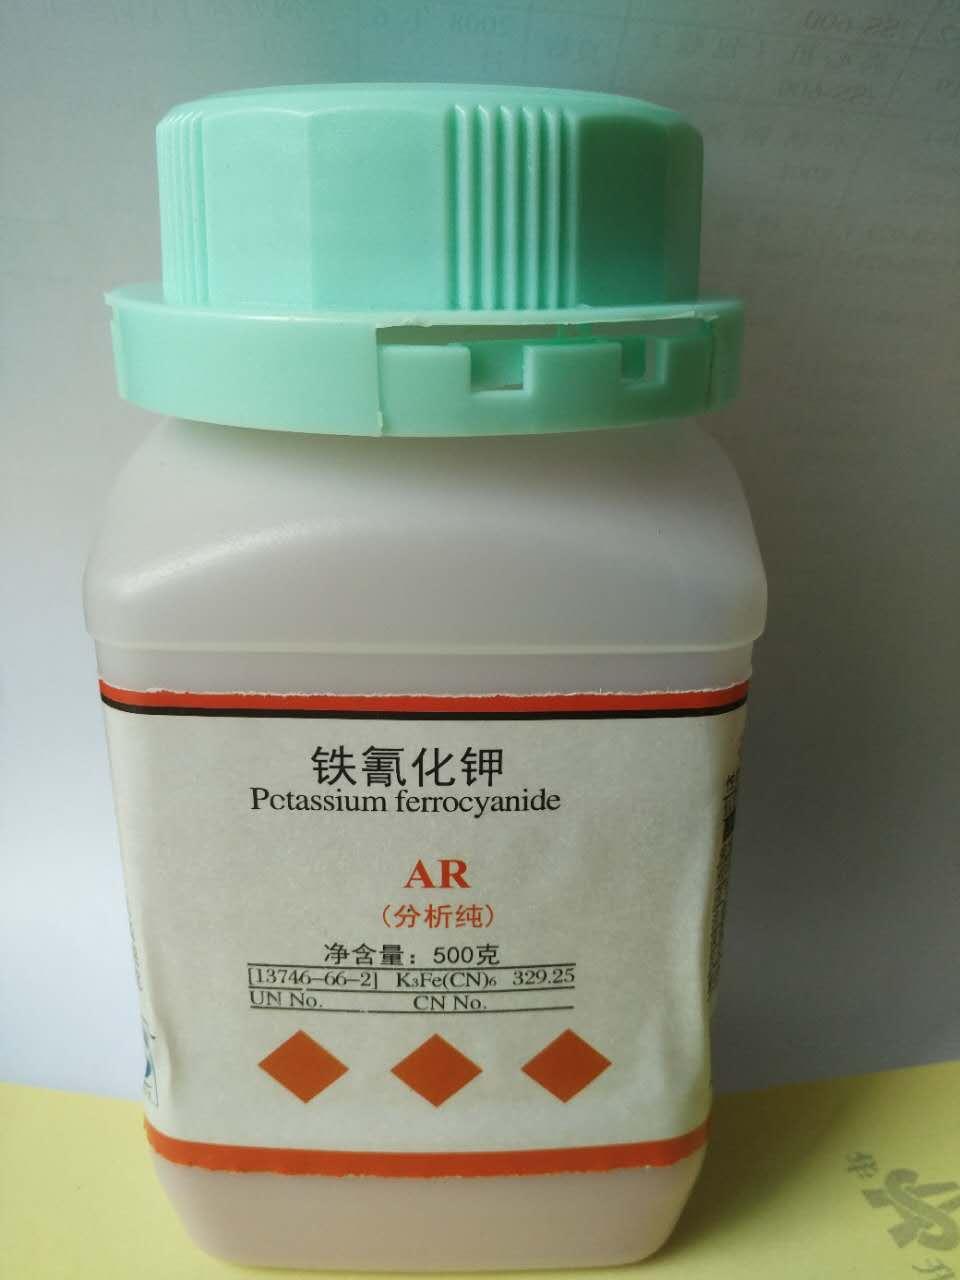 铁氰化钹��:j�9.��d�y��kd_详细产品信息 铁氰化钾  铁氰化钾           cas:13746-66-2